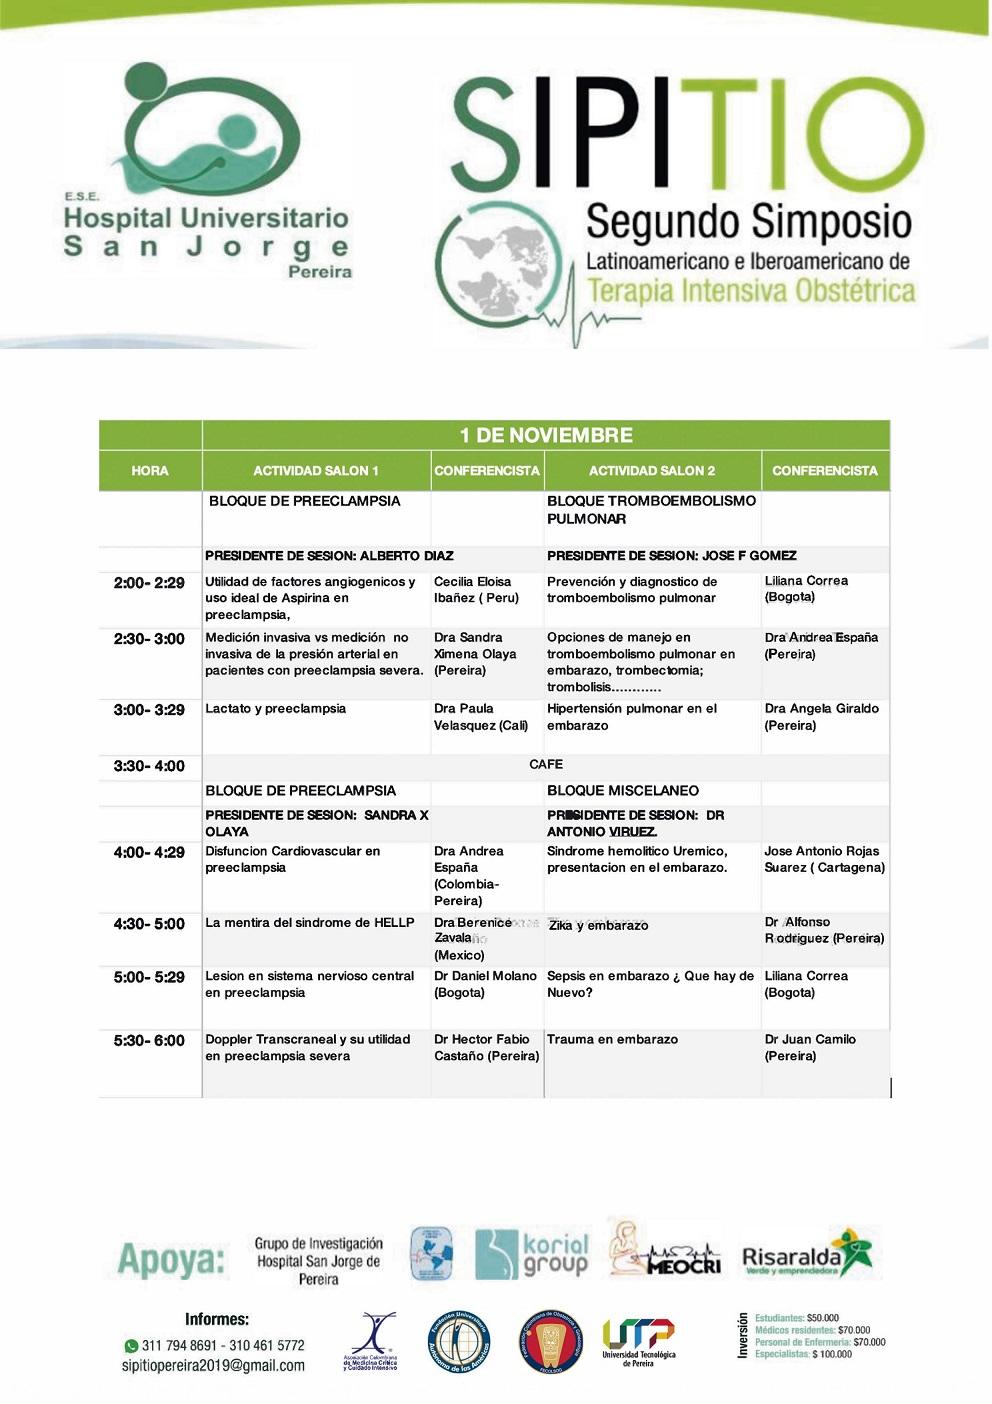 PROGRAMA SIPITIO PRESENTACION_page-0002